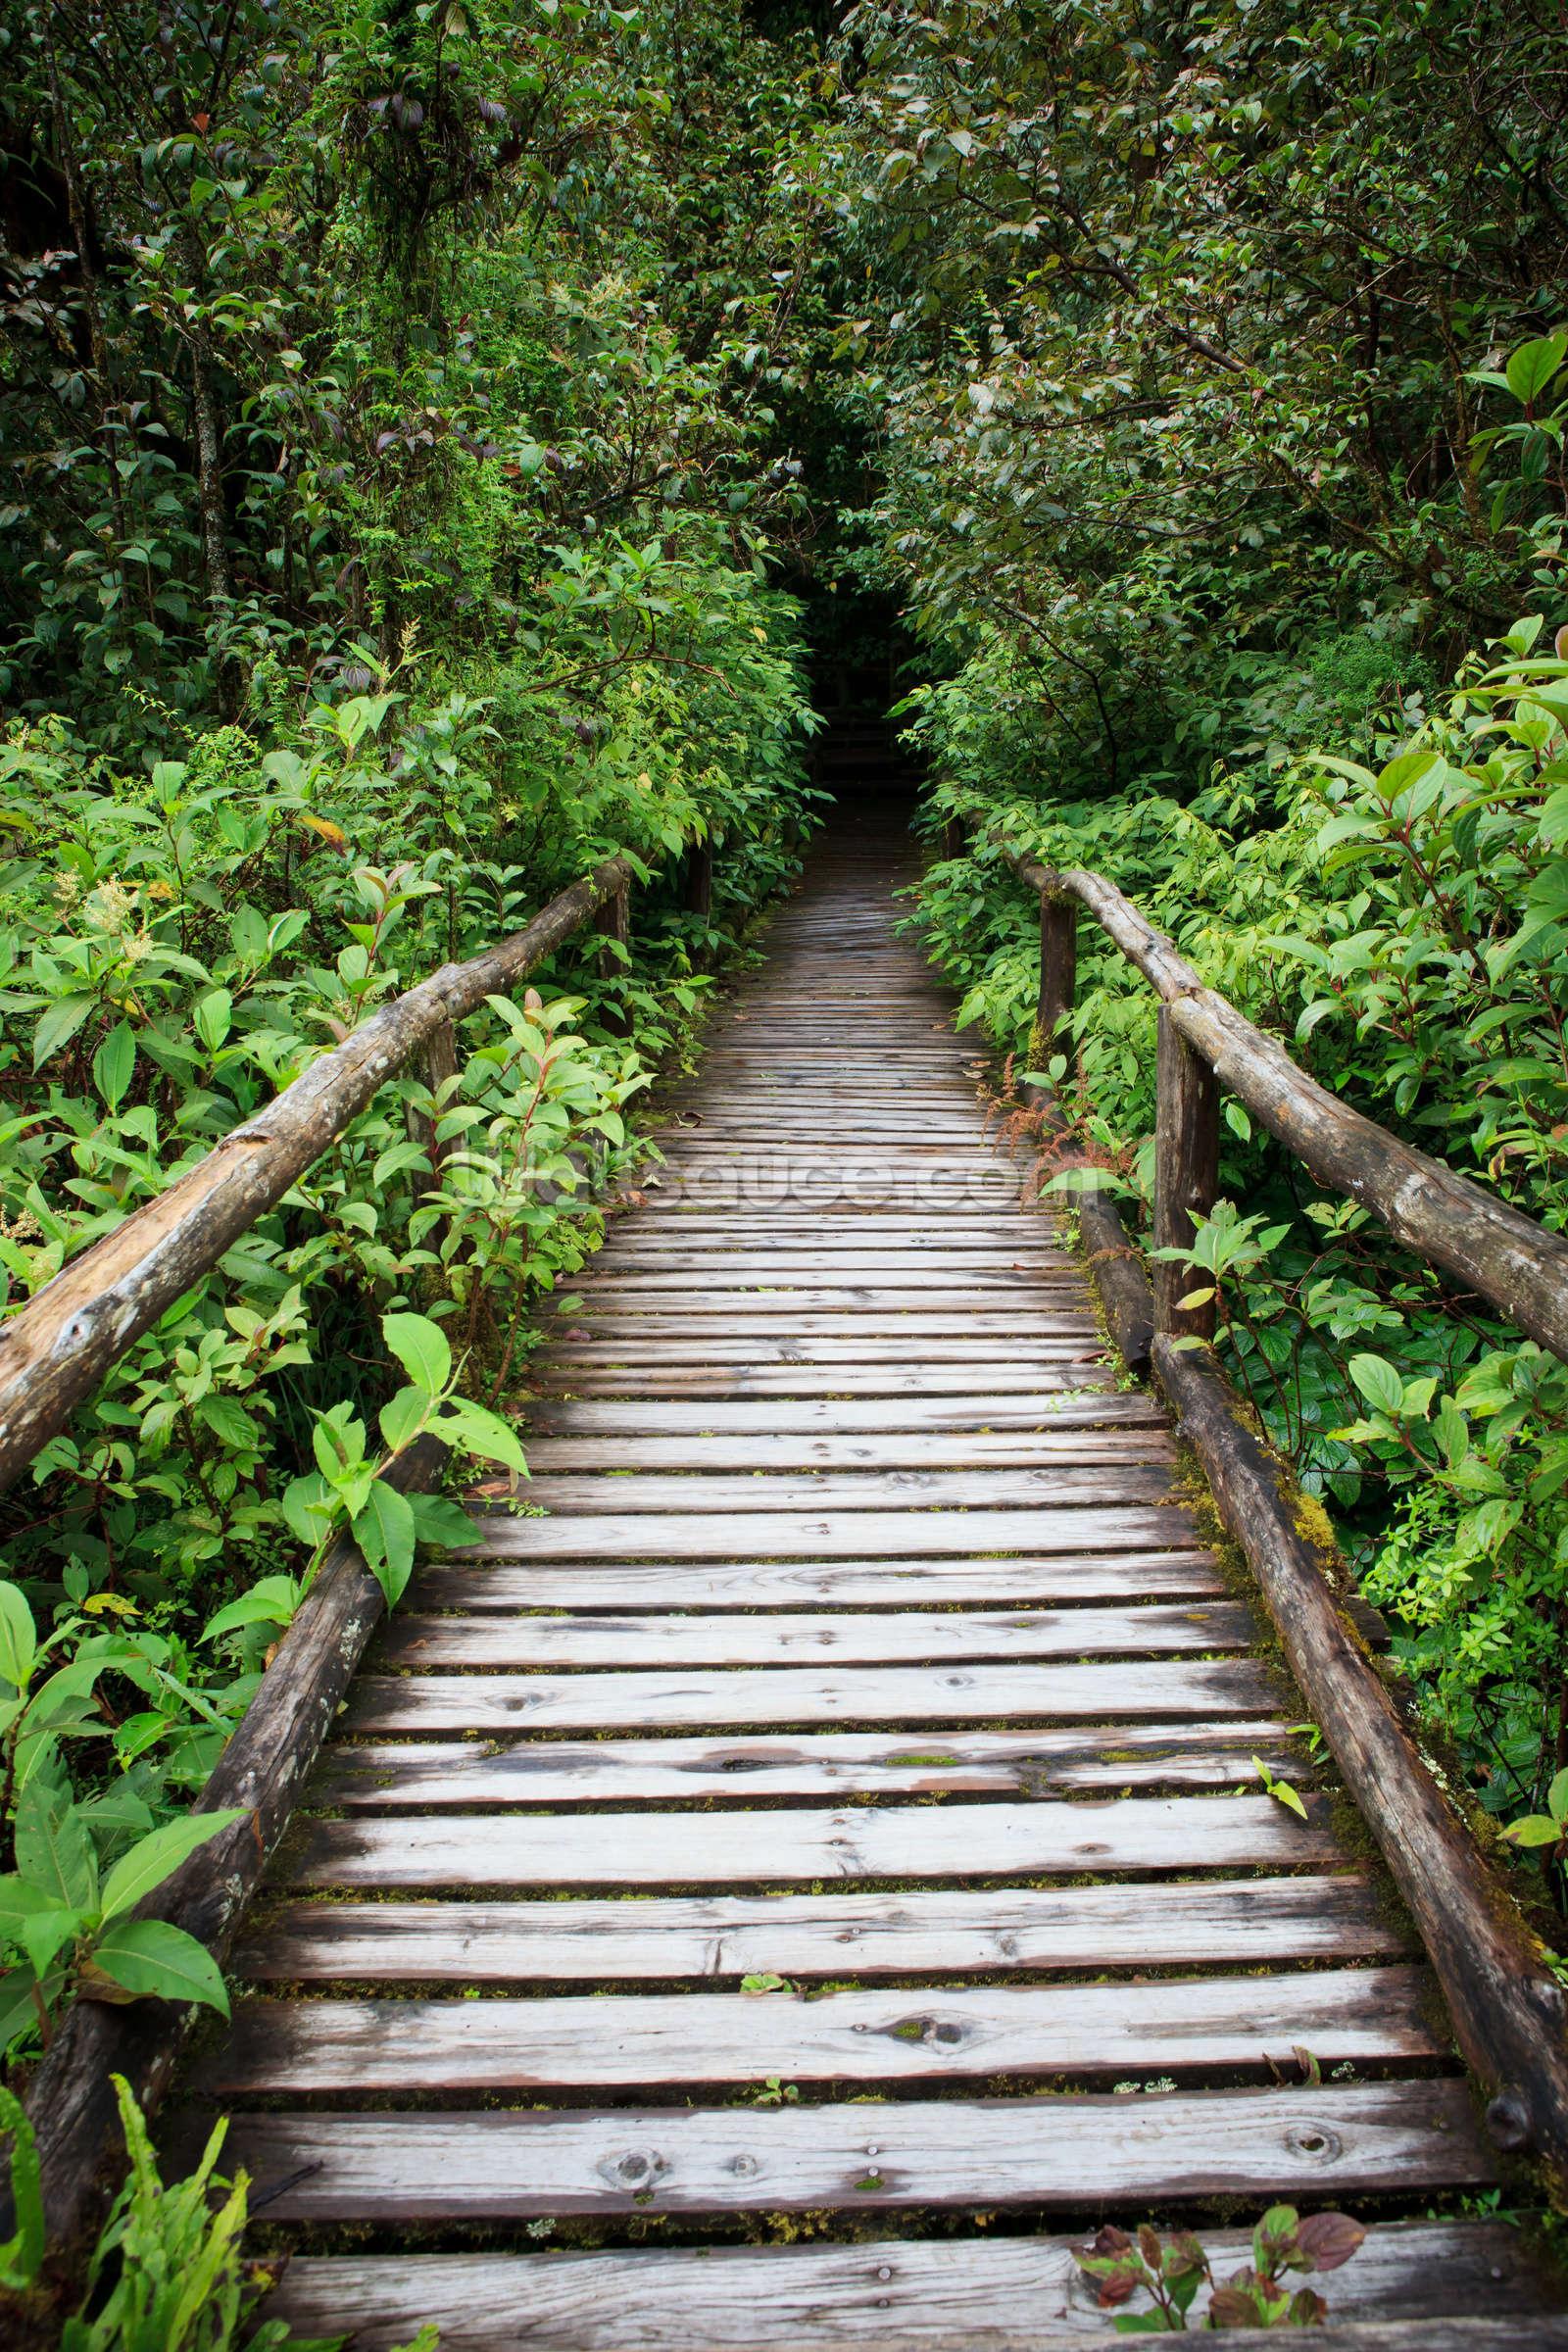 evergreen forest walkway wallpaper wall mural wallsauce evergreen forest walkway wall mural photo wallpaper